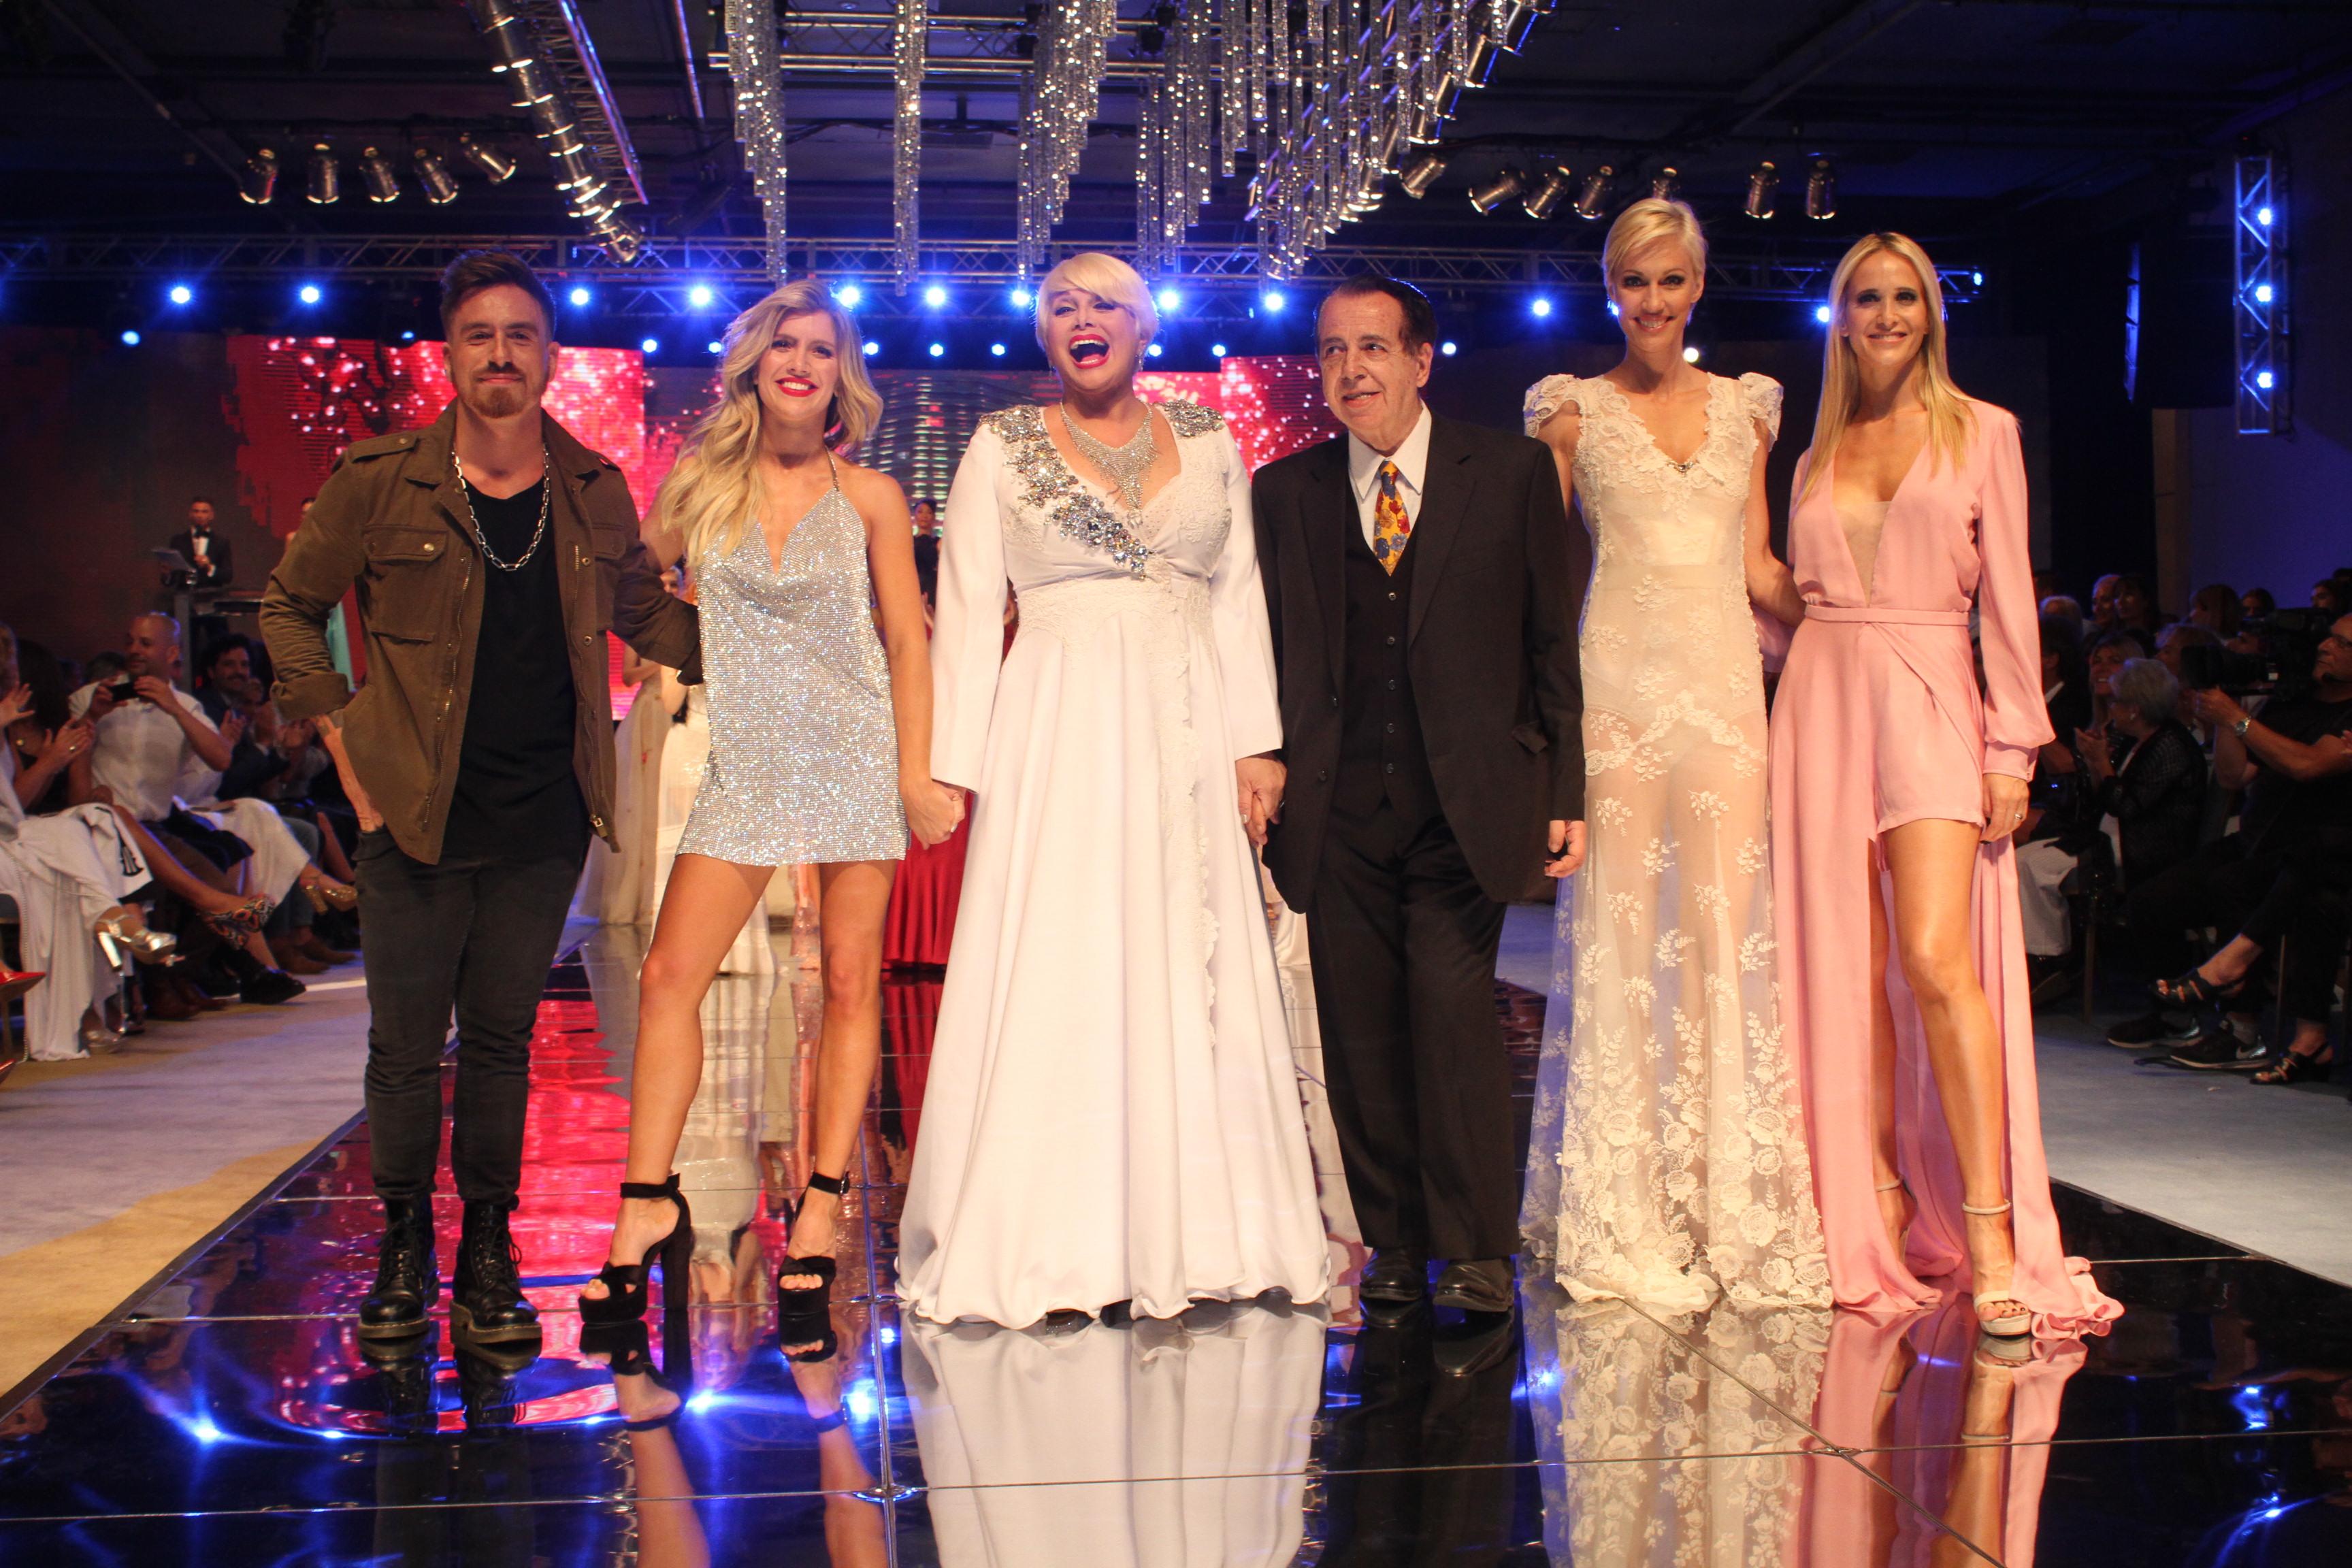 """El final del """"Mar del Plata Moda Show"""", con su organizador Héctor Vidal Rivas sobre el escenario, junto a Federico Bal, Laurita Fernández, Carmen Barbieri, Ingrid Grudke y Julieta Prandi."""